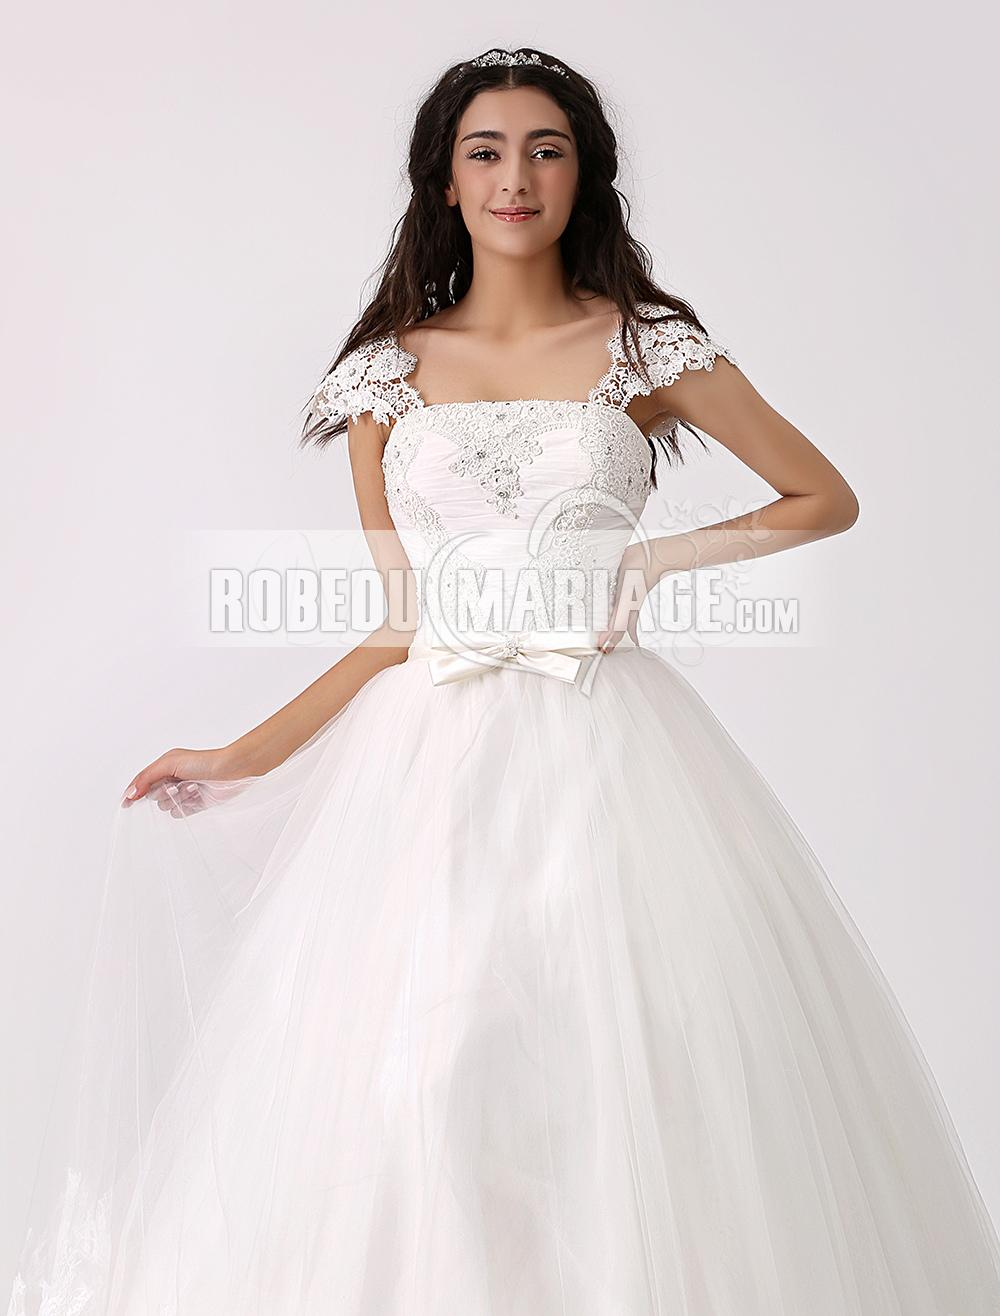 Robe de mariée Nouveauté robe de mariée ample dentelle tulle applique